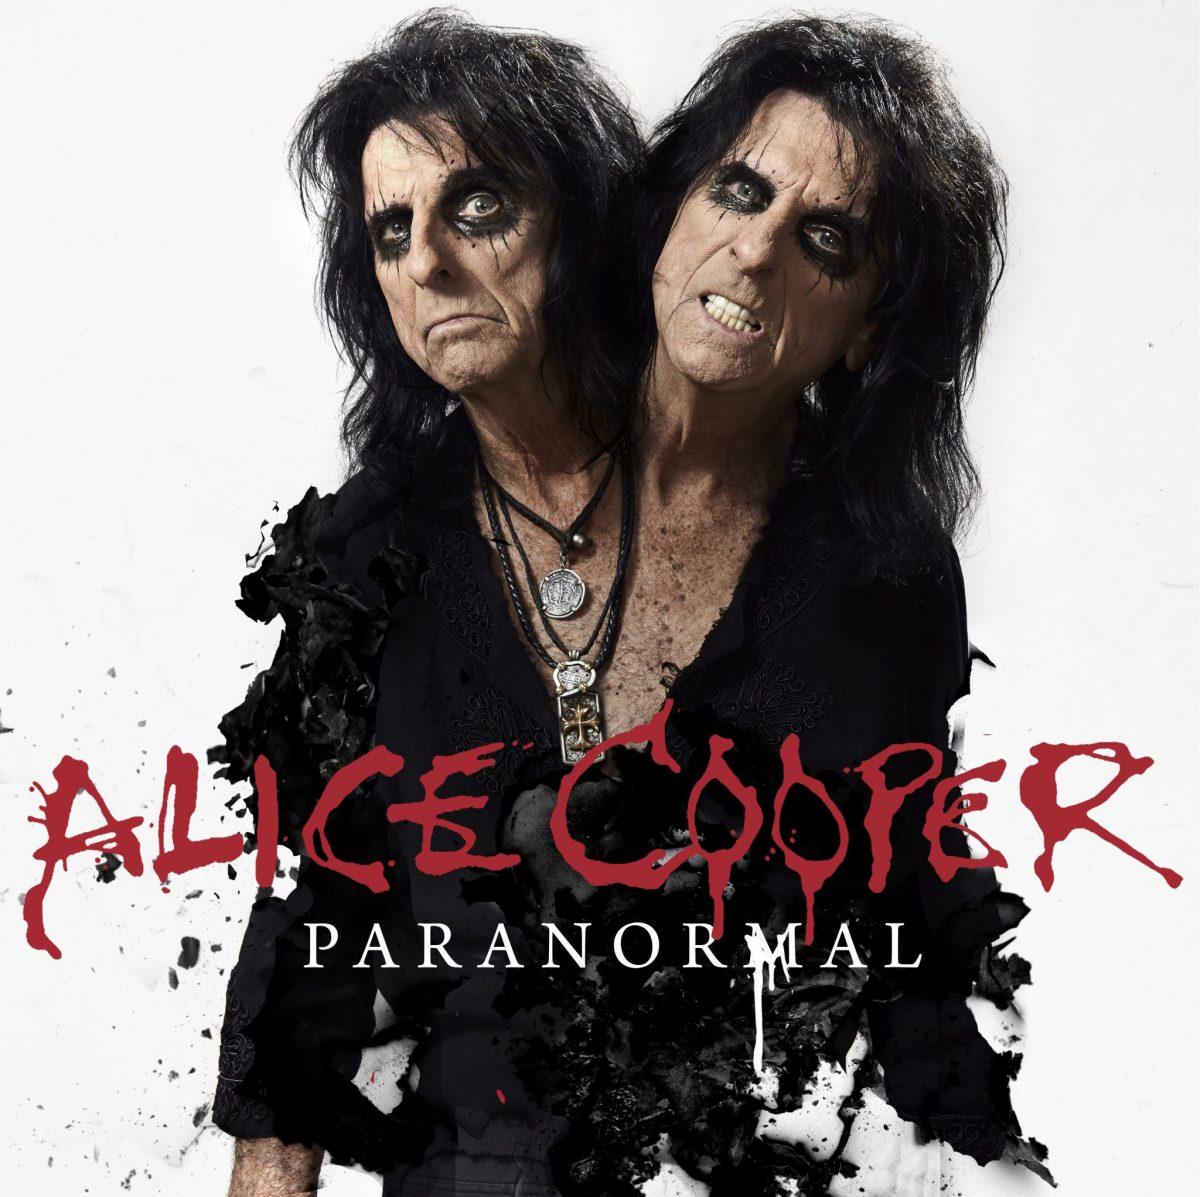 Album: Paranormal